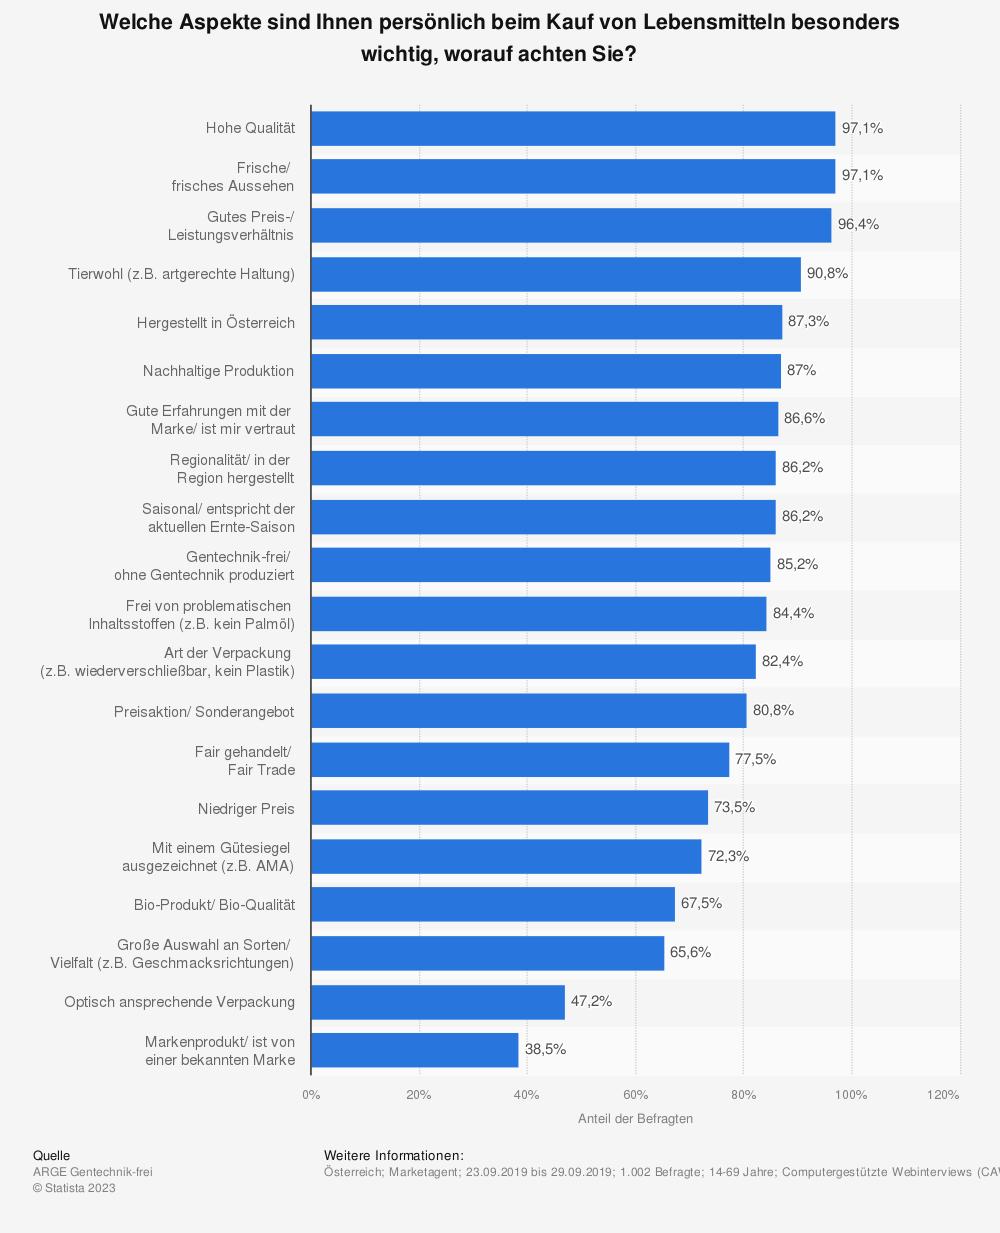 Statistik: Welche Aspekte sind Ihnen persönlich beim Kauf von Lebensmitteln besonders wichtig, worauf achten Sie? | Statista